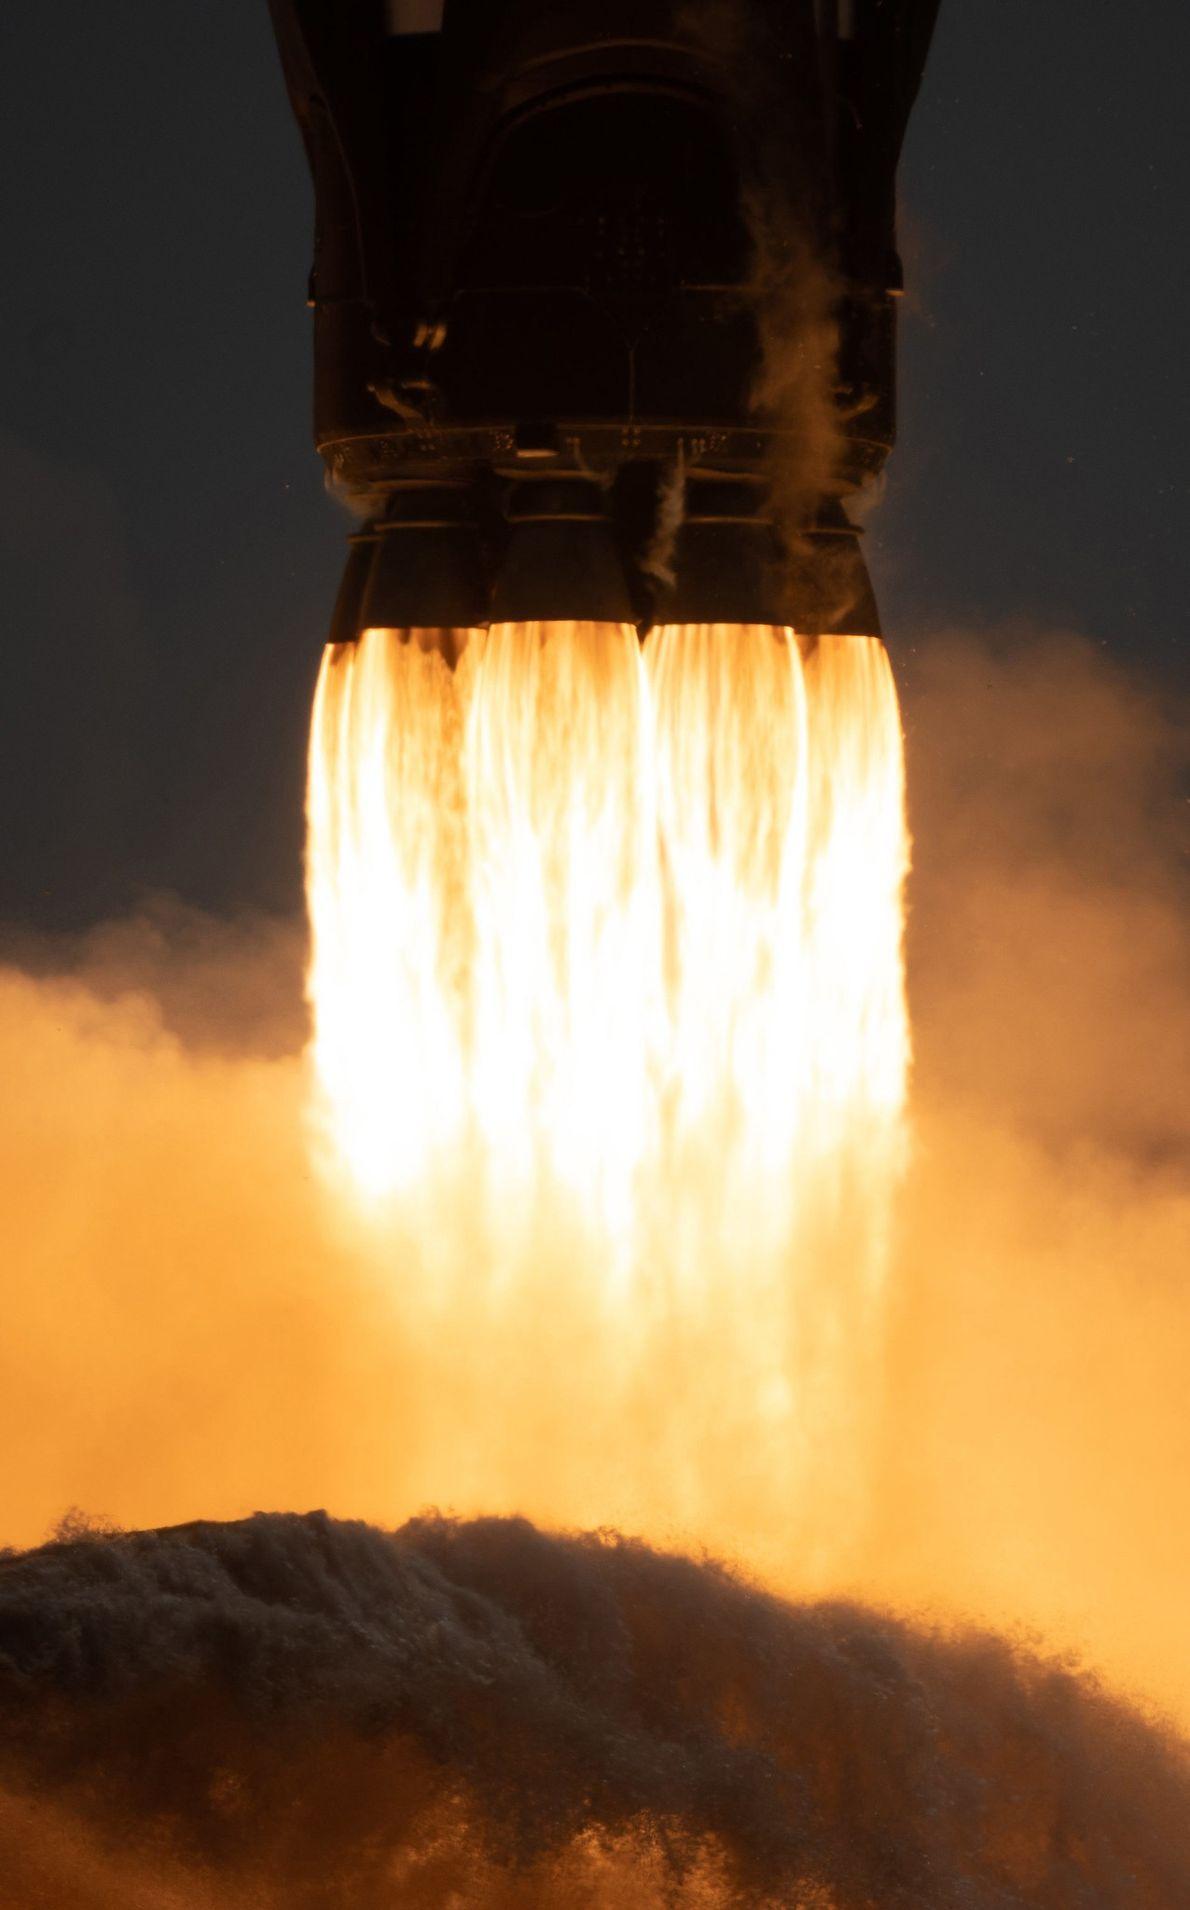 Le premier lancement de la fusée Falcon 9 a eu lieu il y a dix ans depuis la ...